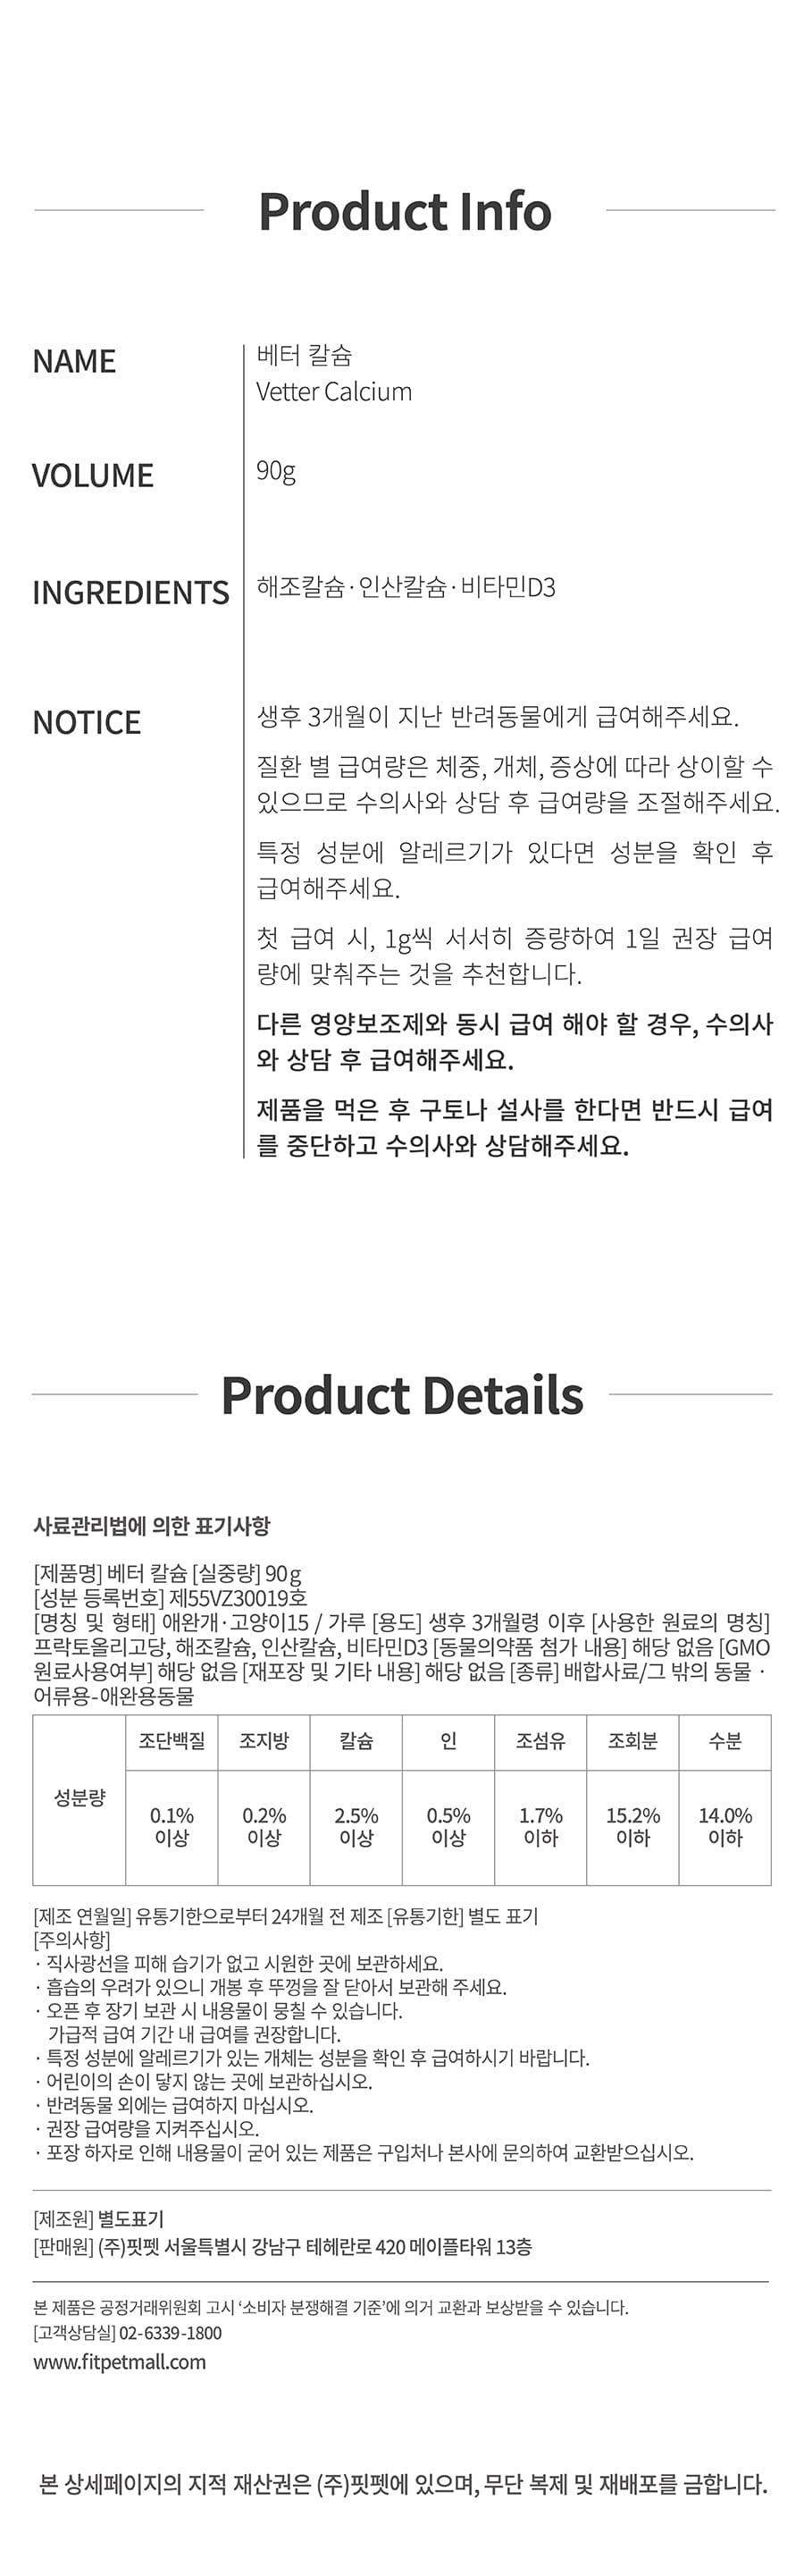 [EVENT] Vetter 댕냥이 영양 파우더 11종 (관절/피부/안정/눈/장/소화)-상품이미지-40